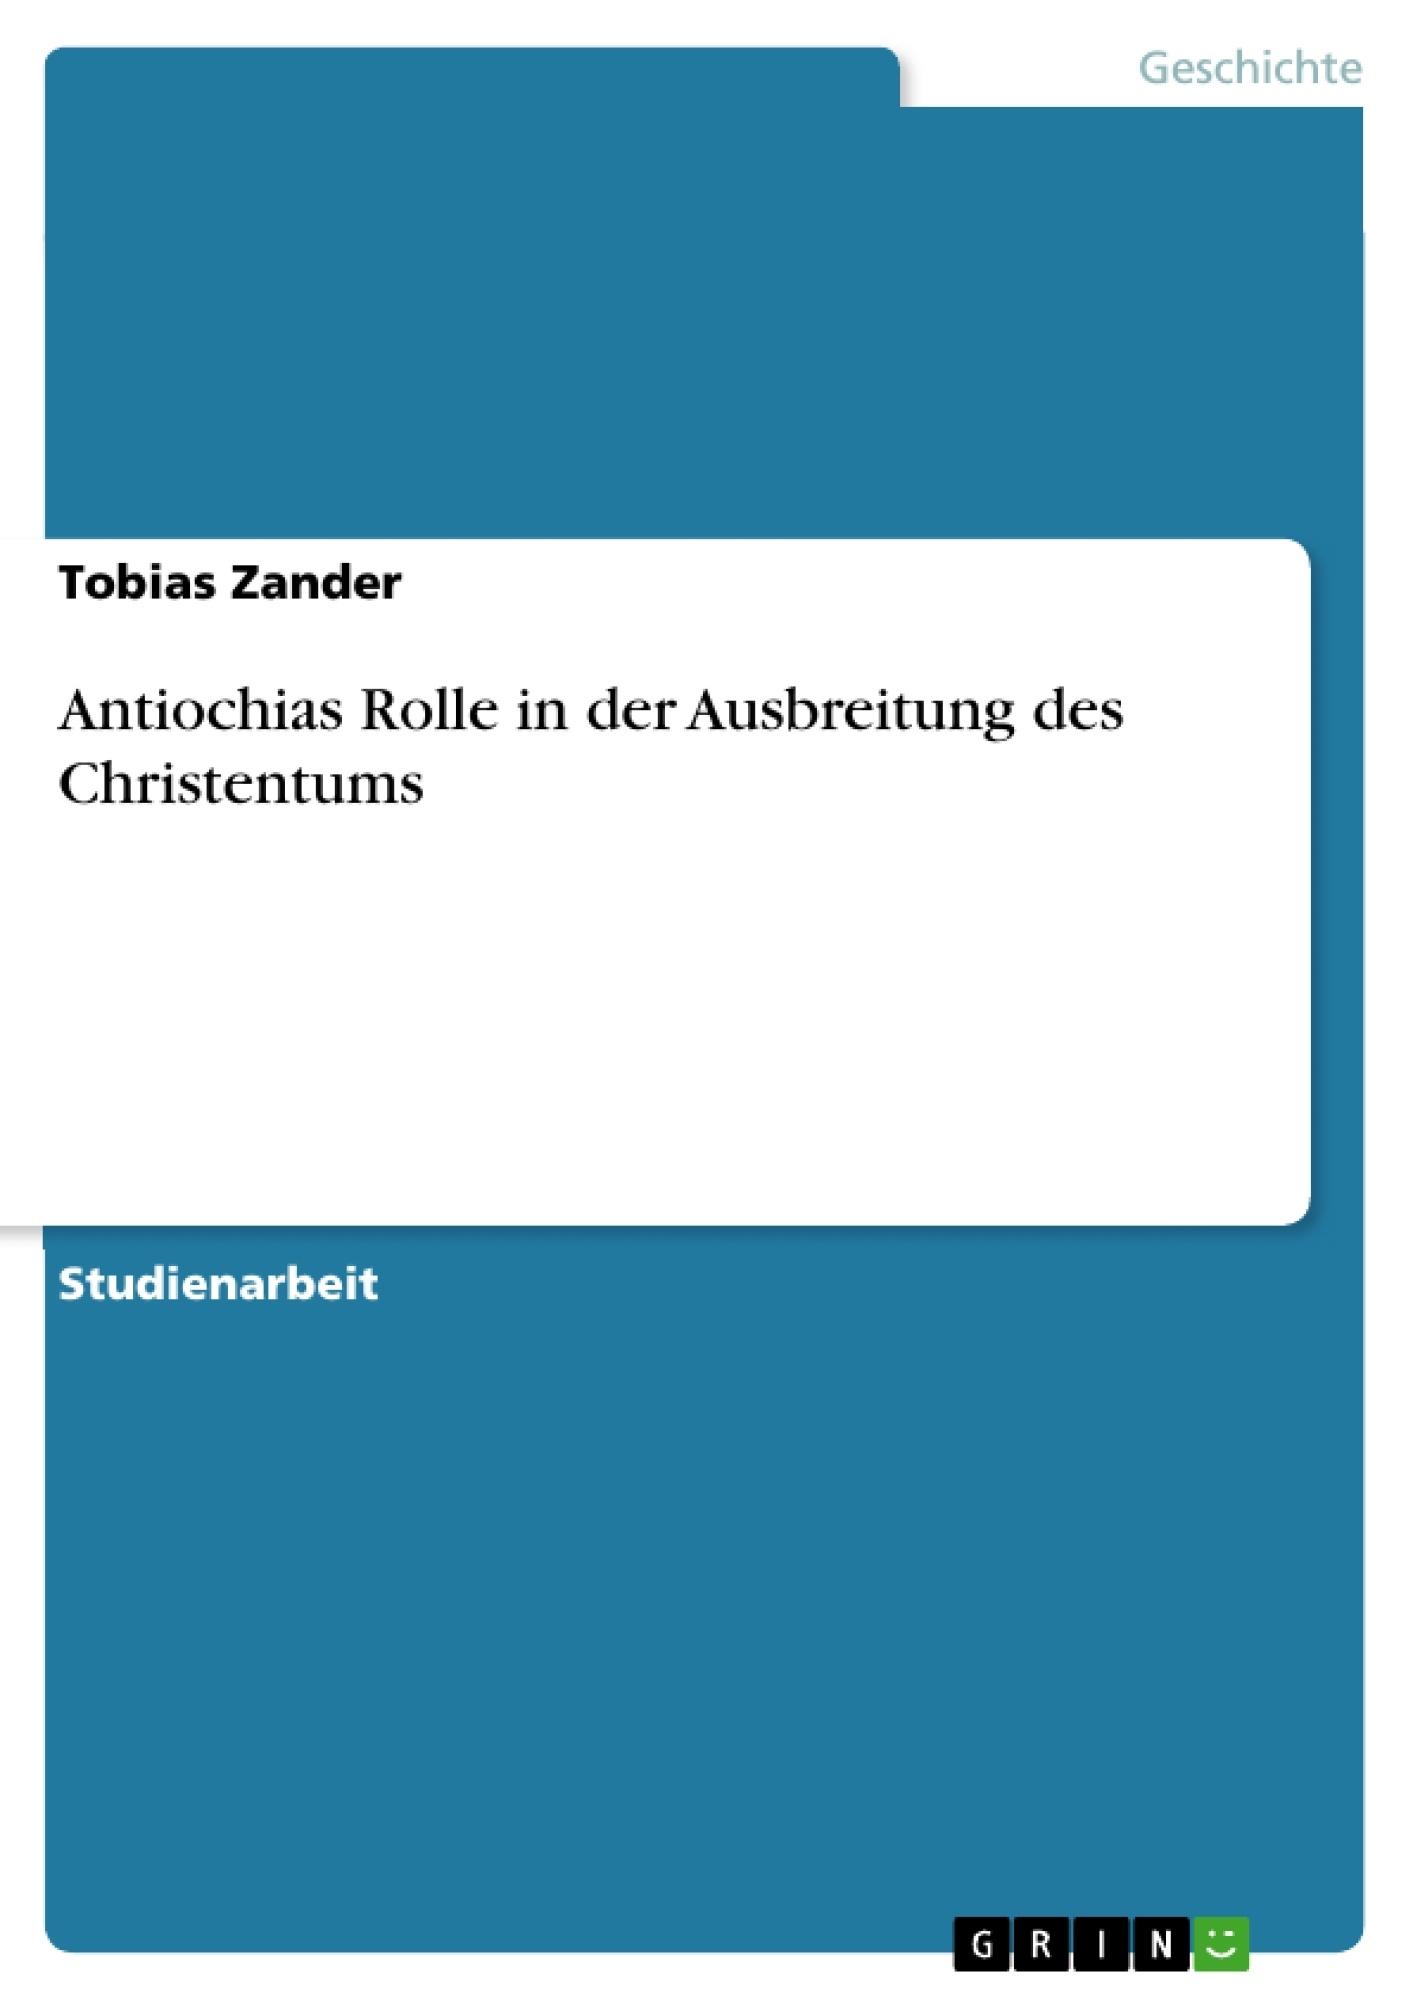 Titel: Antiochias Rolle in der Ausbreitung des Christentums